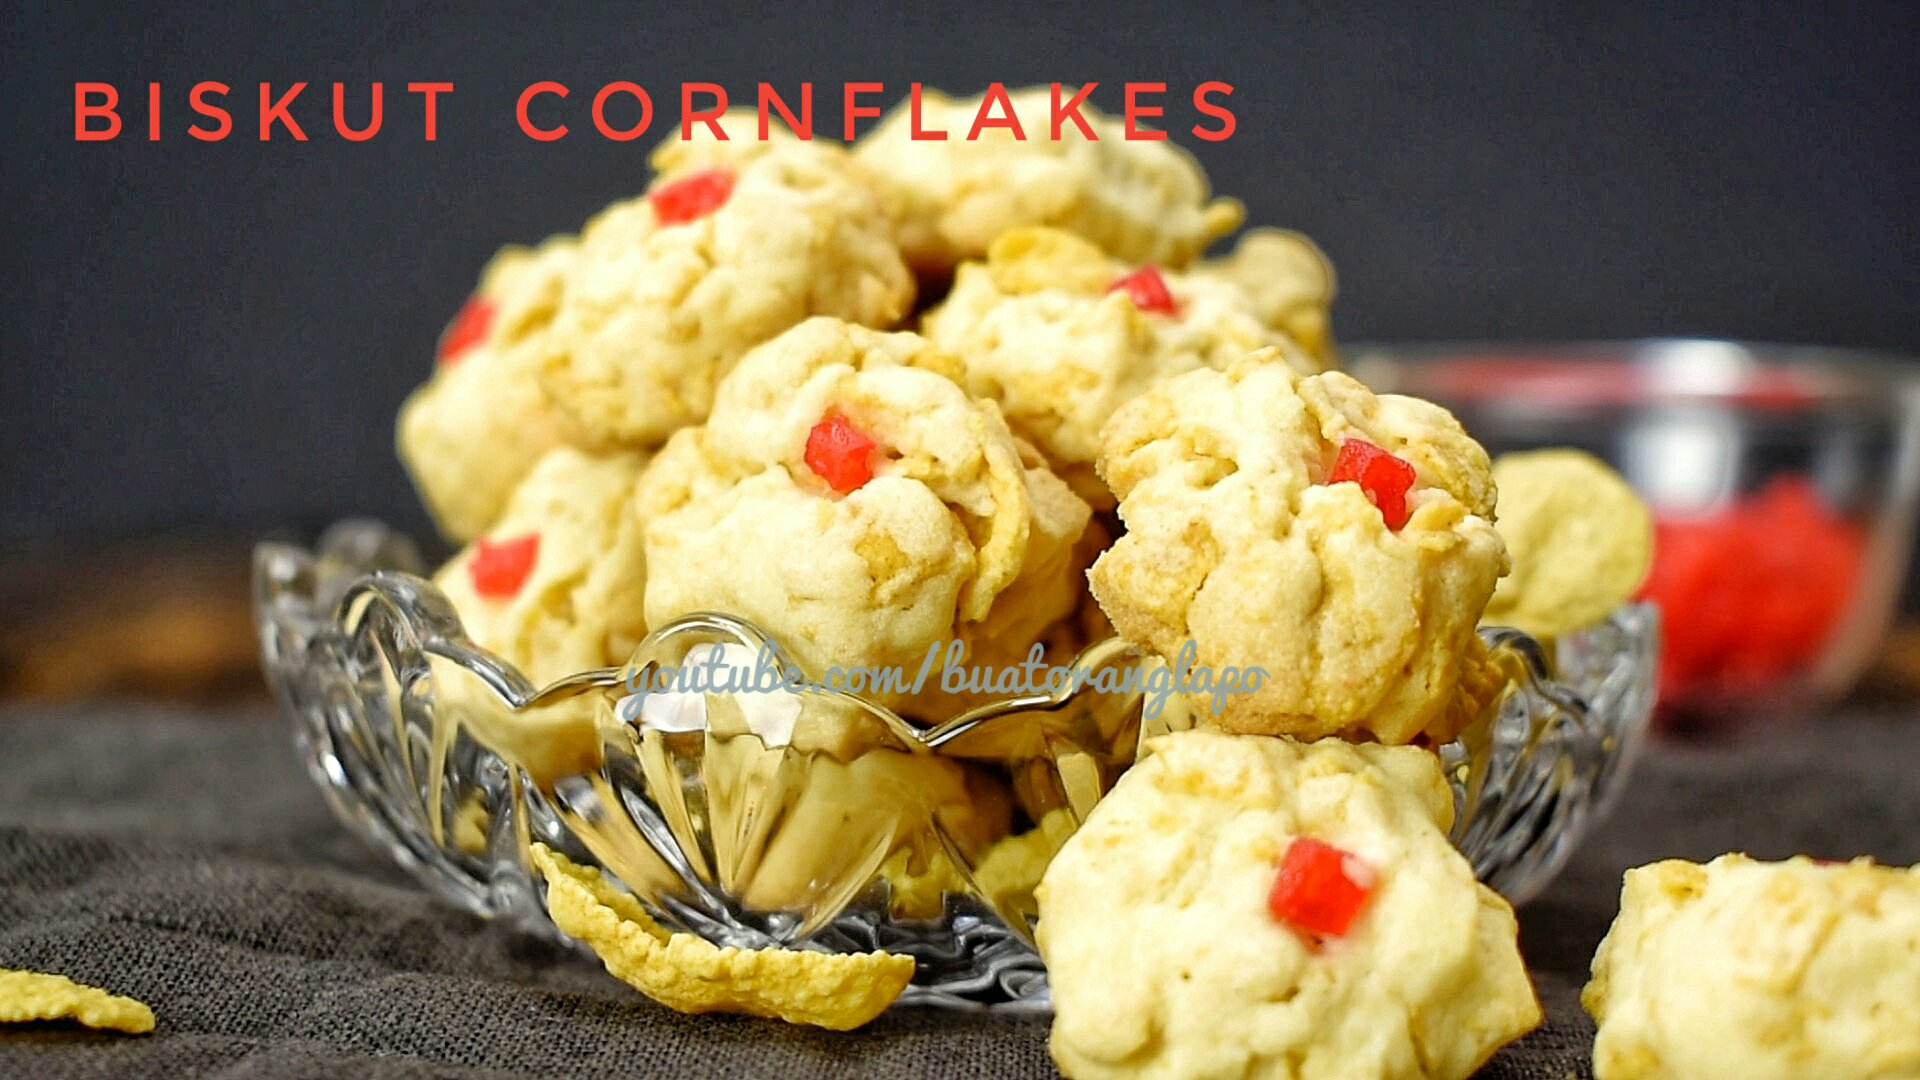 Biskut Cornflakes Rangup Dan Sedap Buat Orang Lapo